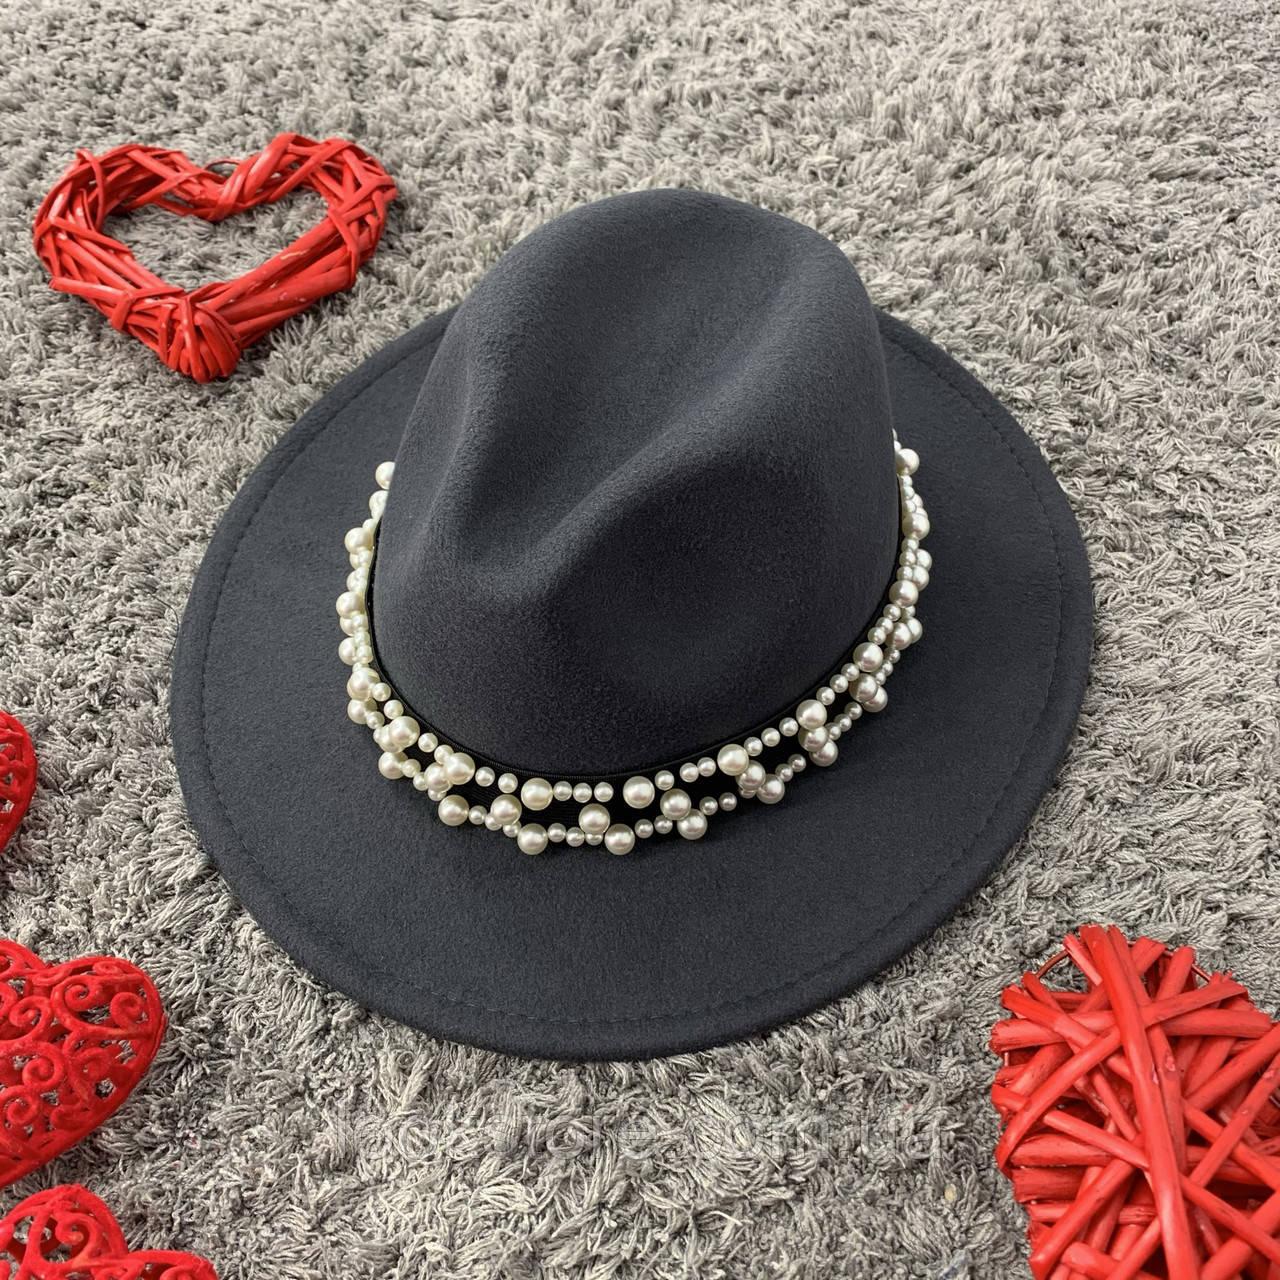 Шляпа Федора унисекс с устойчивыми полями Pearls темно-серая (графит)